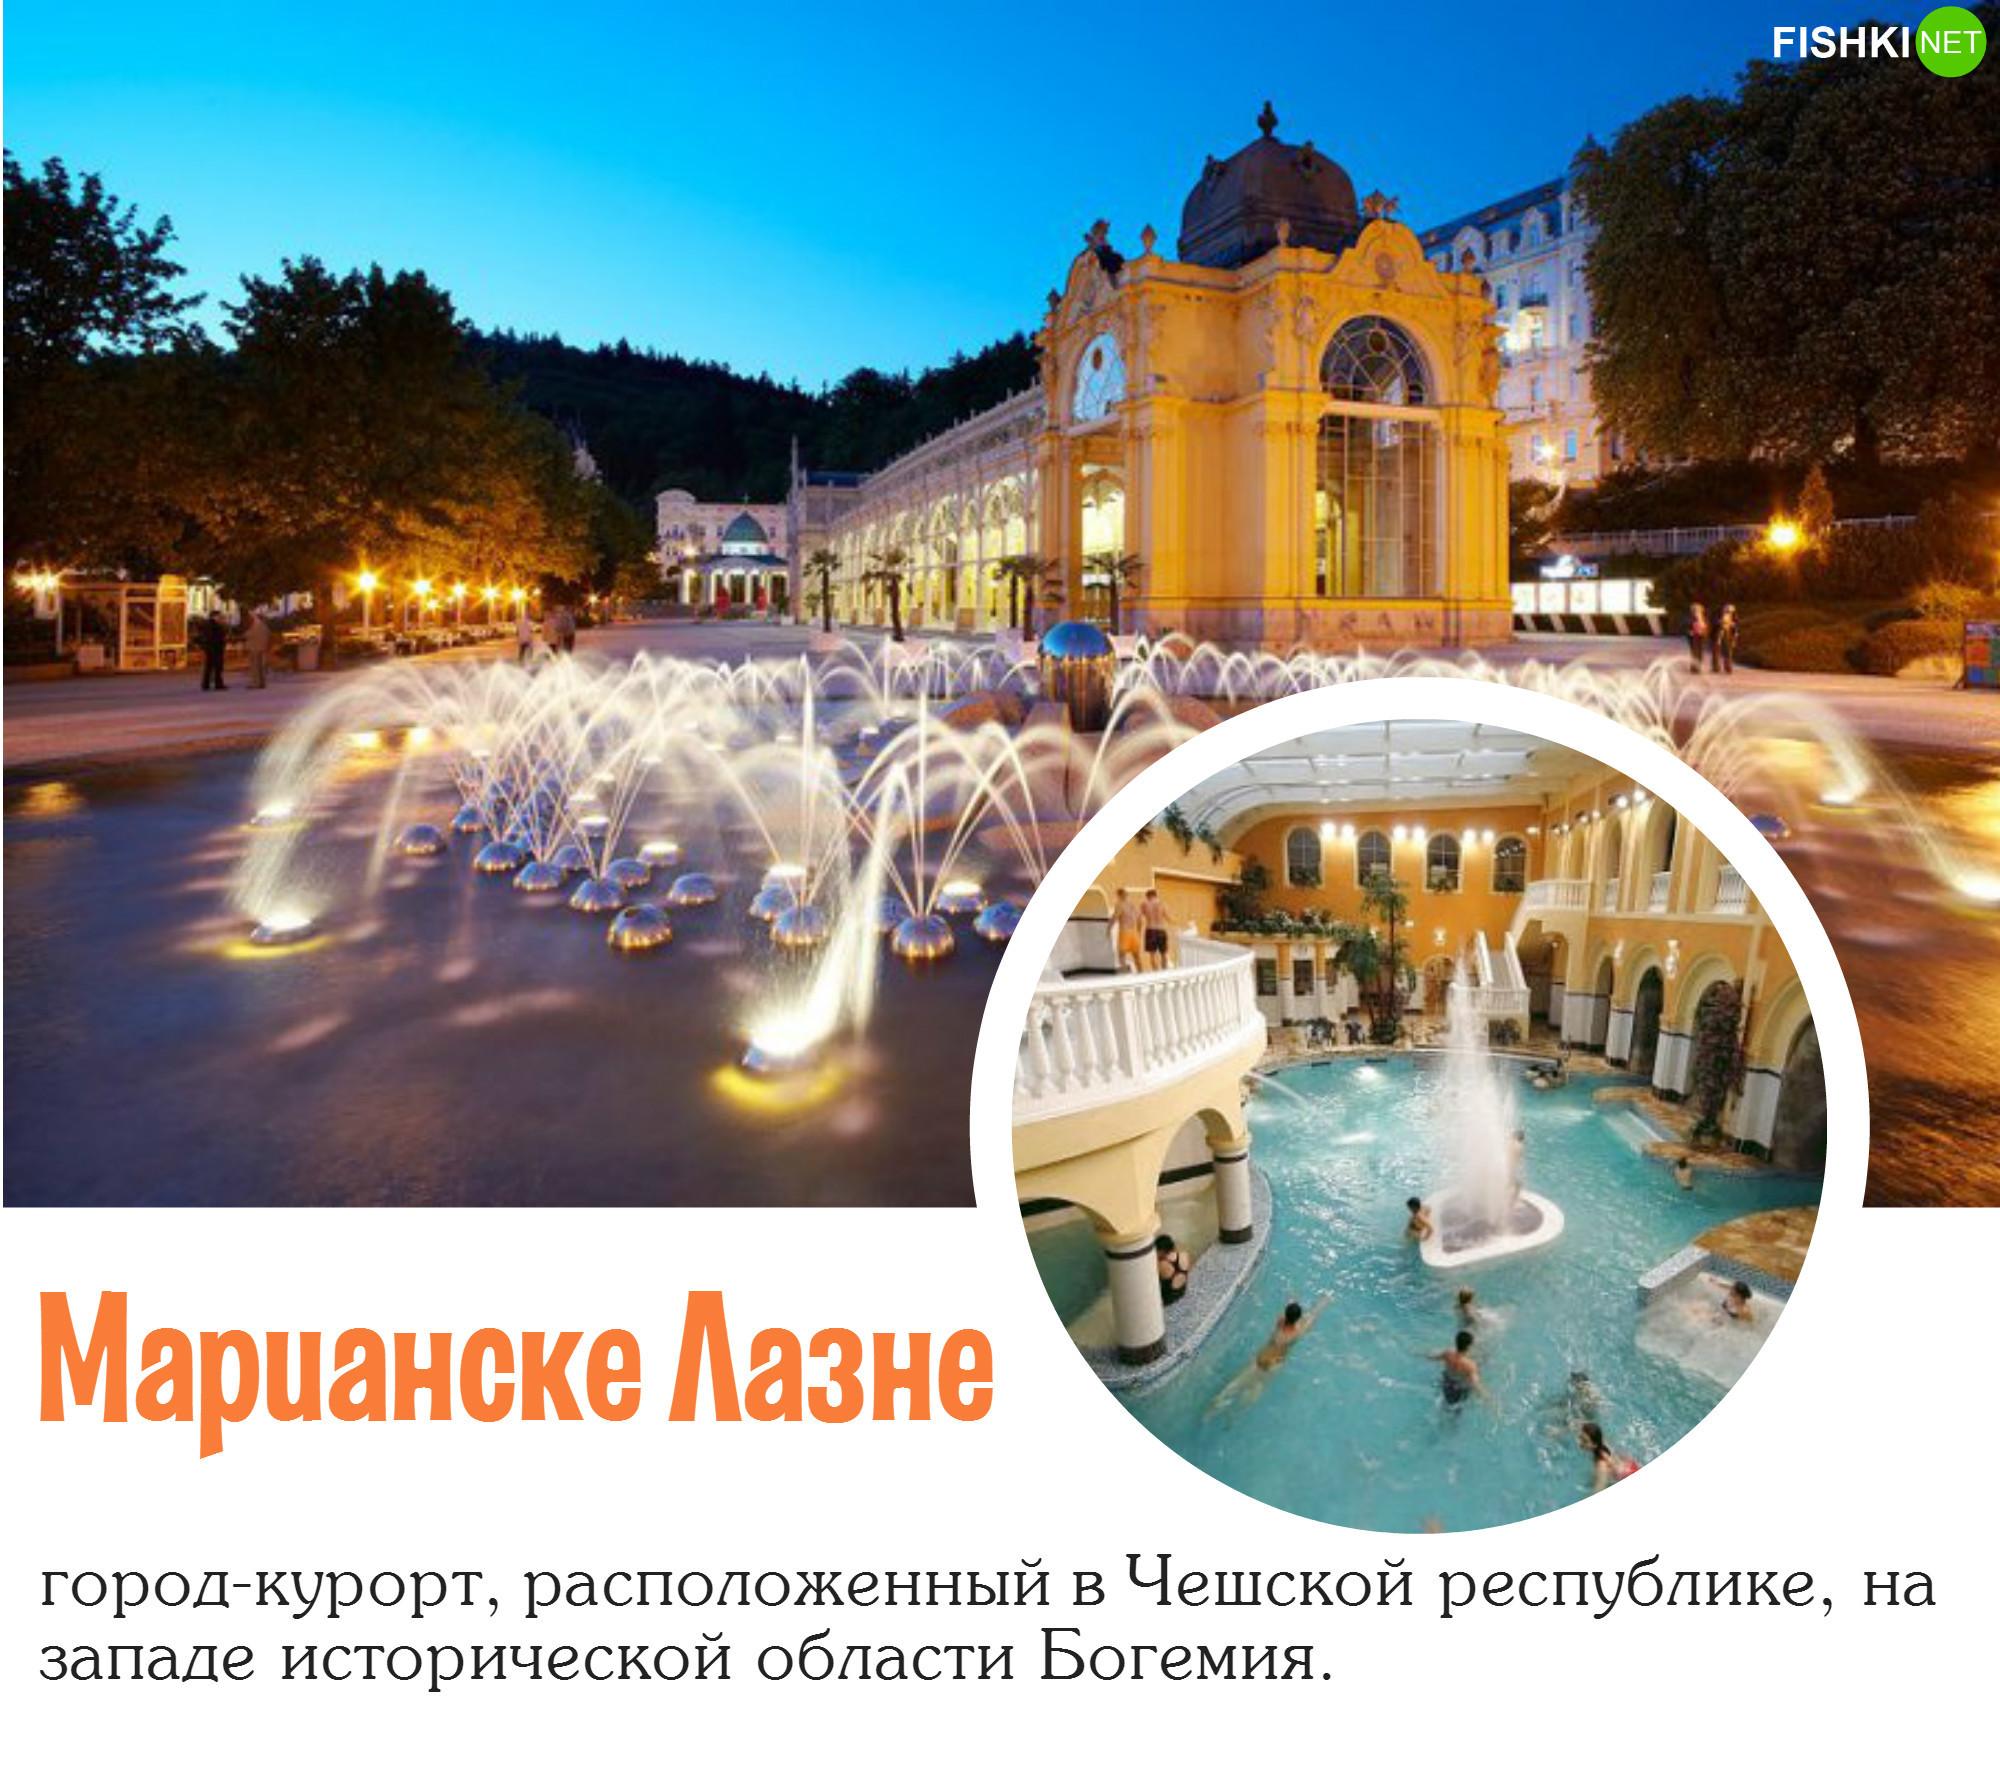 Всем известен знаменитый чешский курорт Карловы Вары. Но всего в получасе езды от Карловых Вар наход